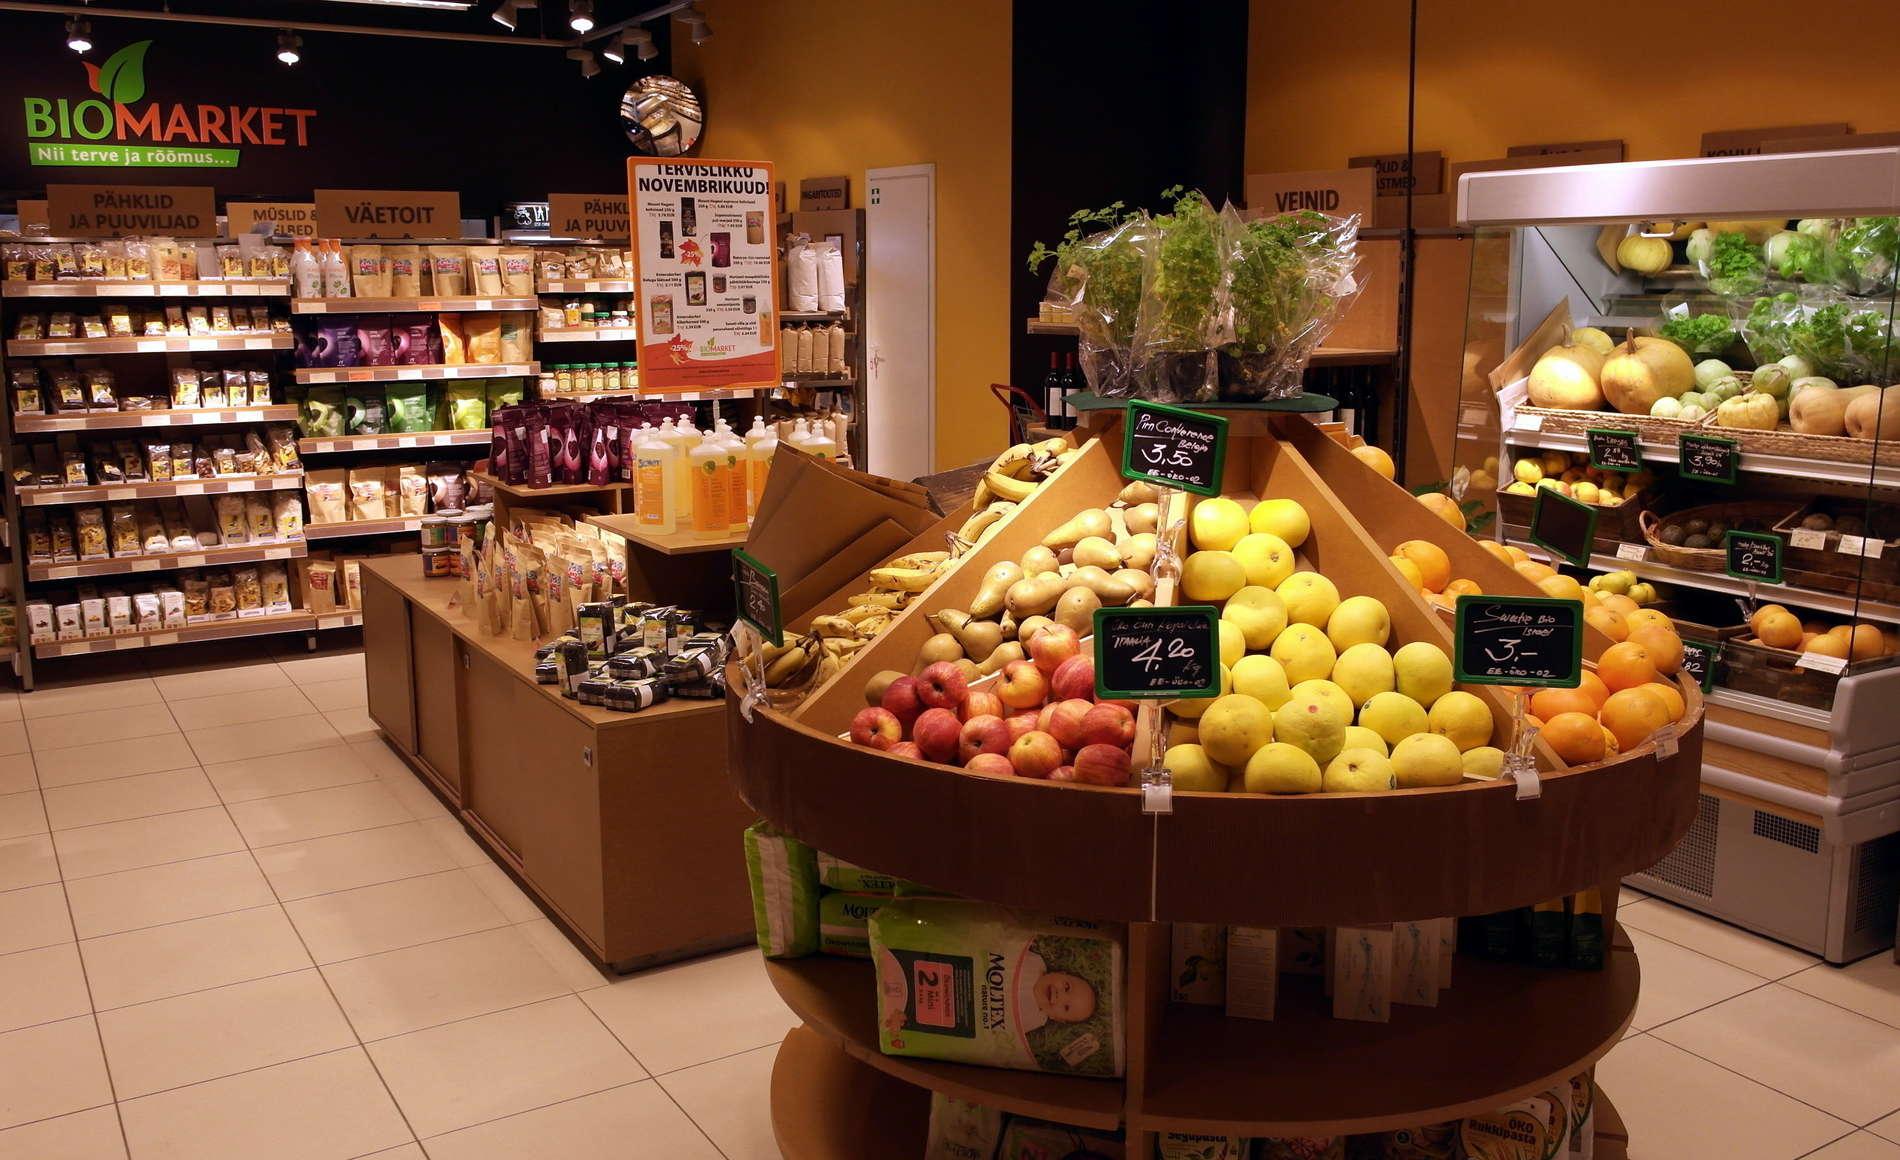 Biomarket - Solaris